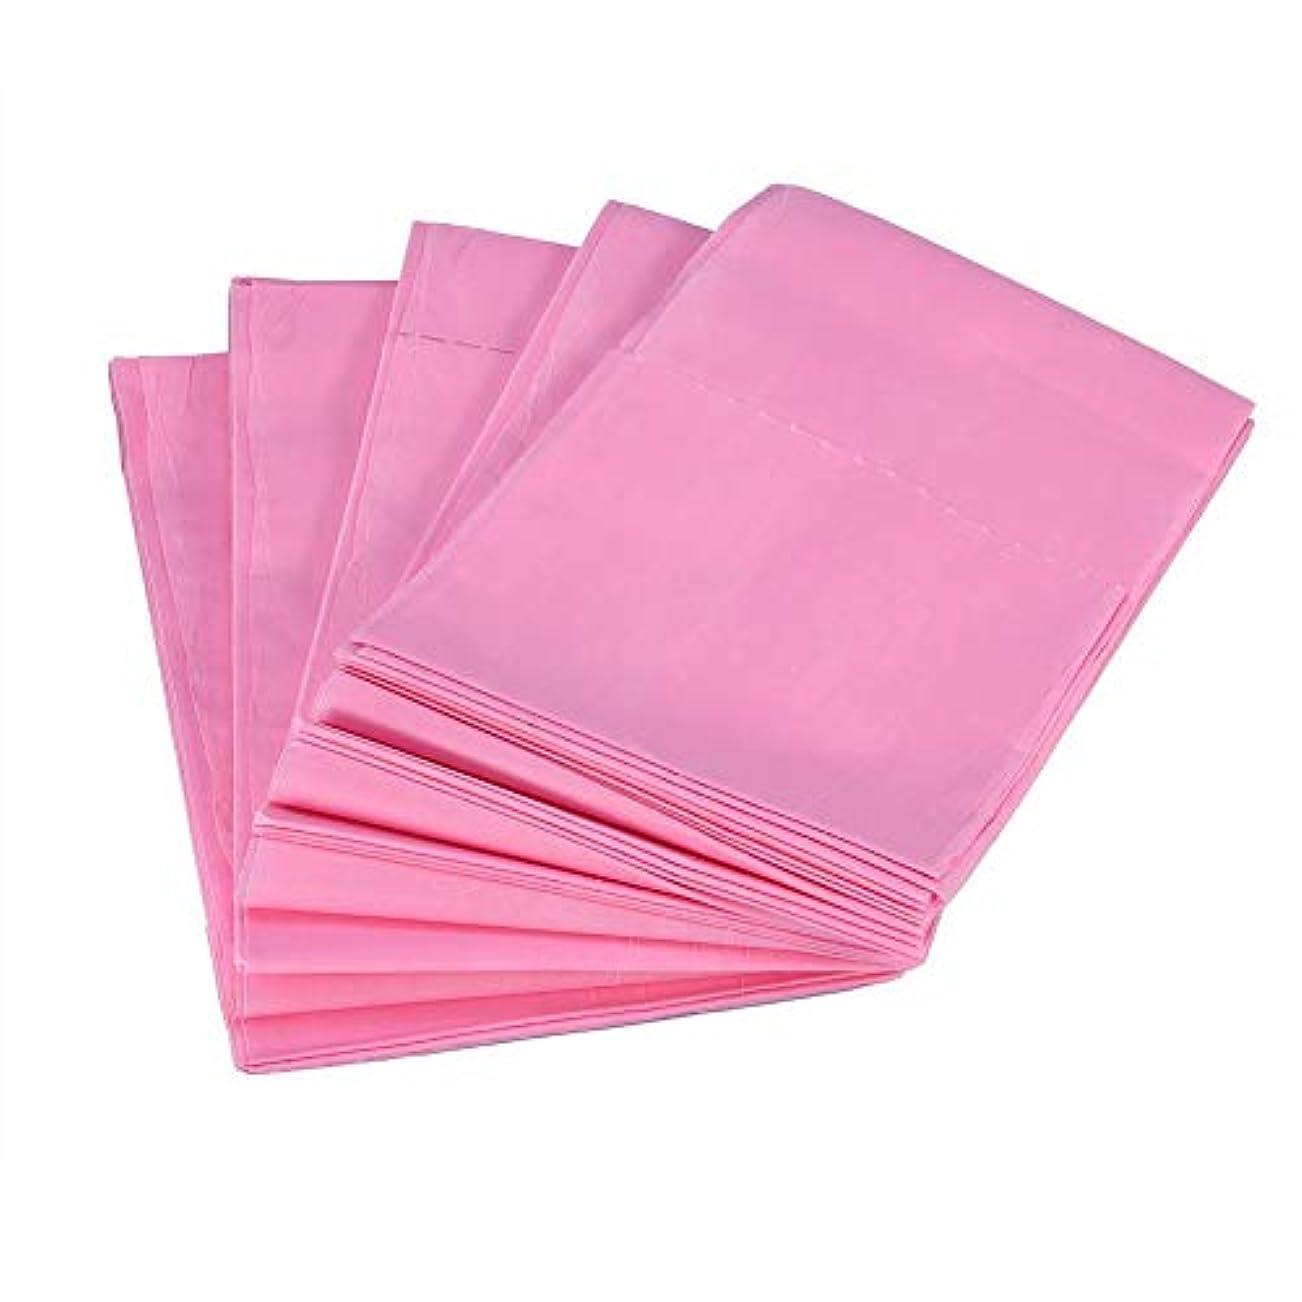 聖人祝うプーノ使い捨てベッドシーツ、10個175 x 75cm不織布使い捨て防水シーツマッサージビューティーカバー(ピンク)